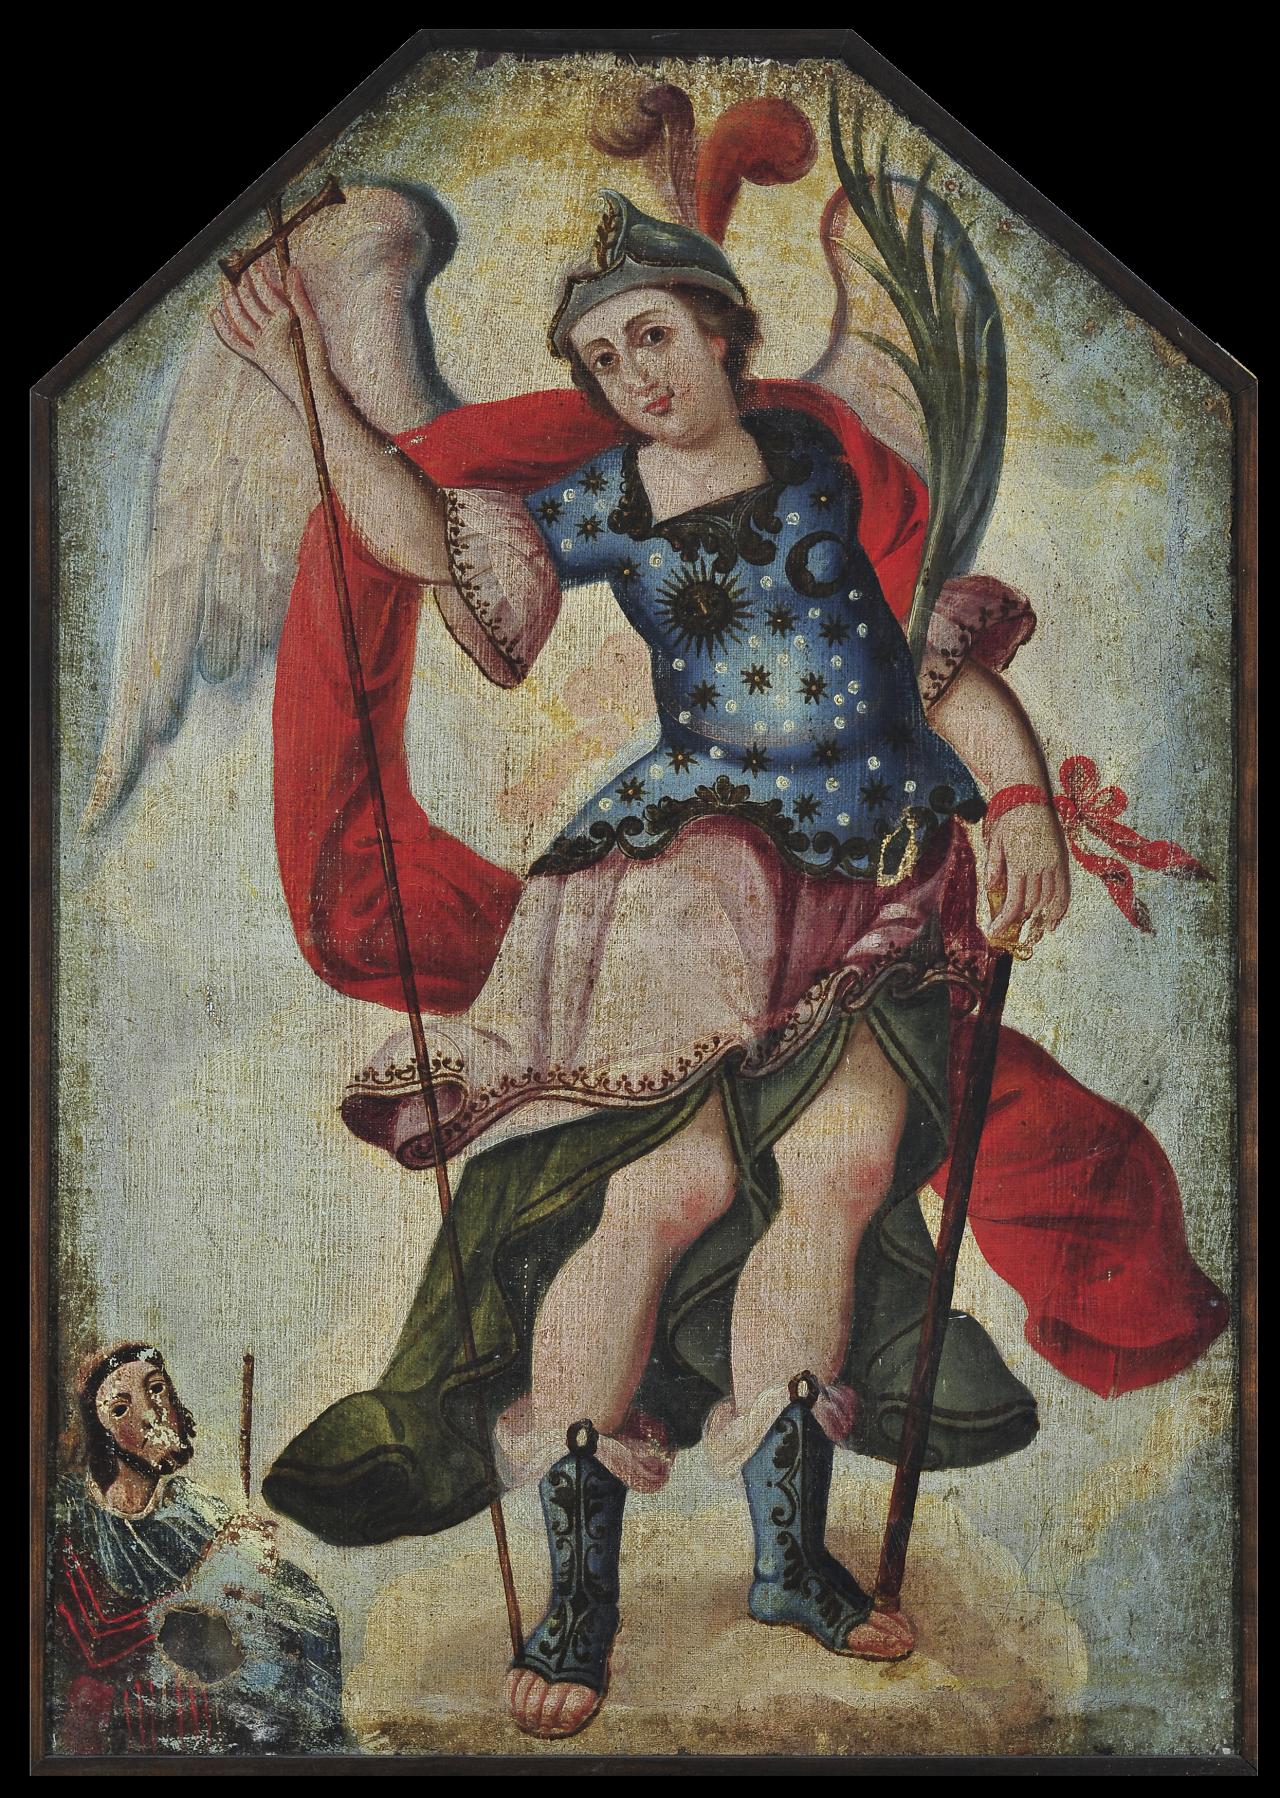 San Miguel del Milagro | Creación y restauración: lo singular y complejo del arte | Museo Amparo, Puebla